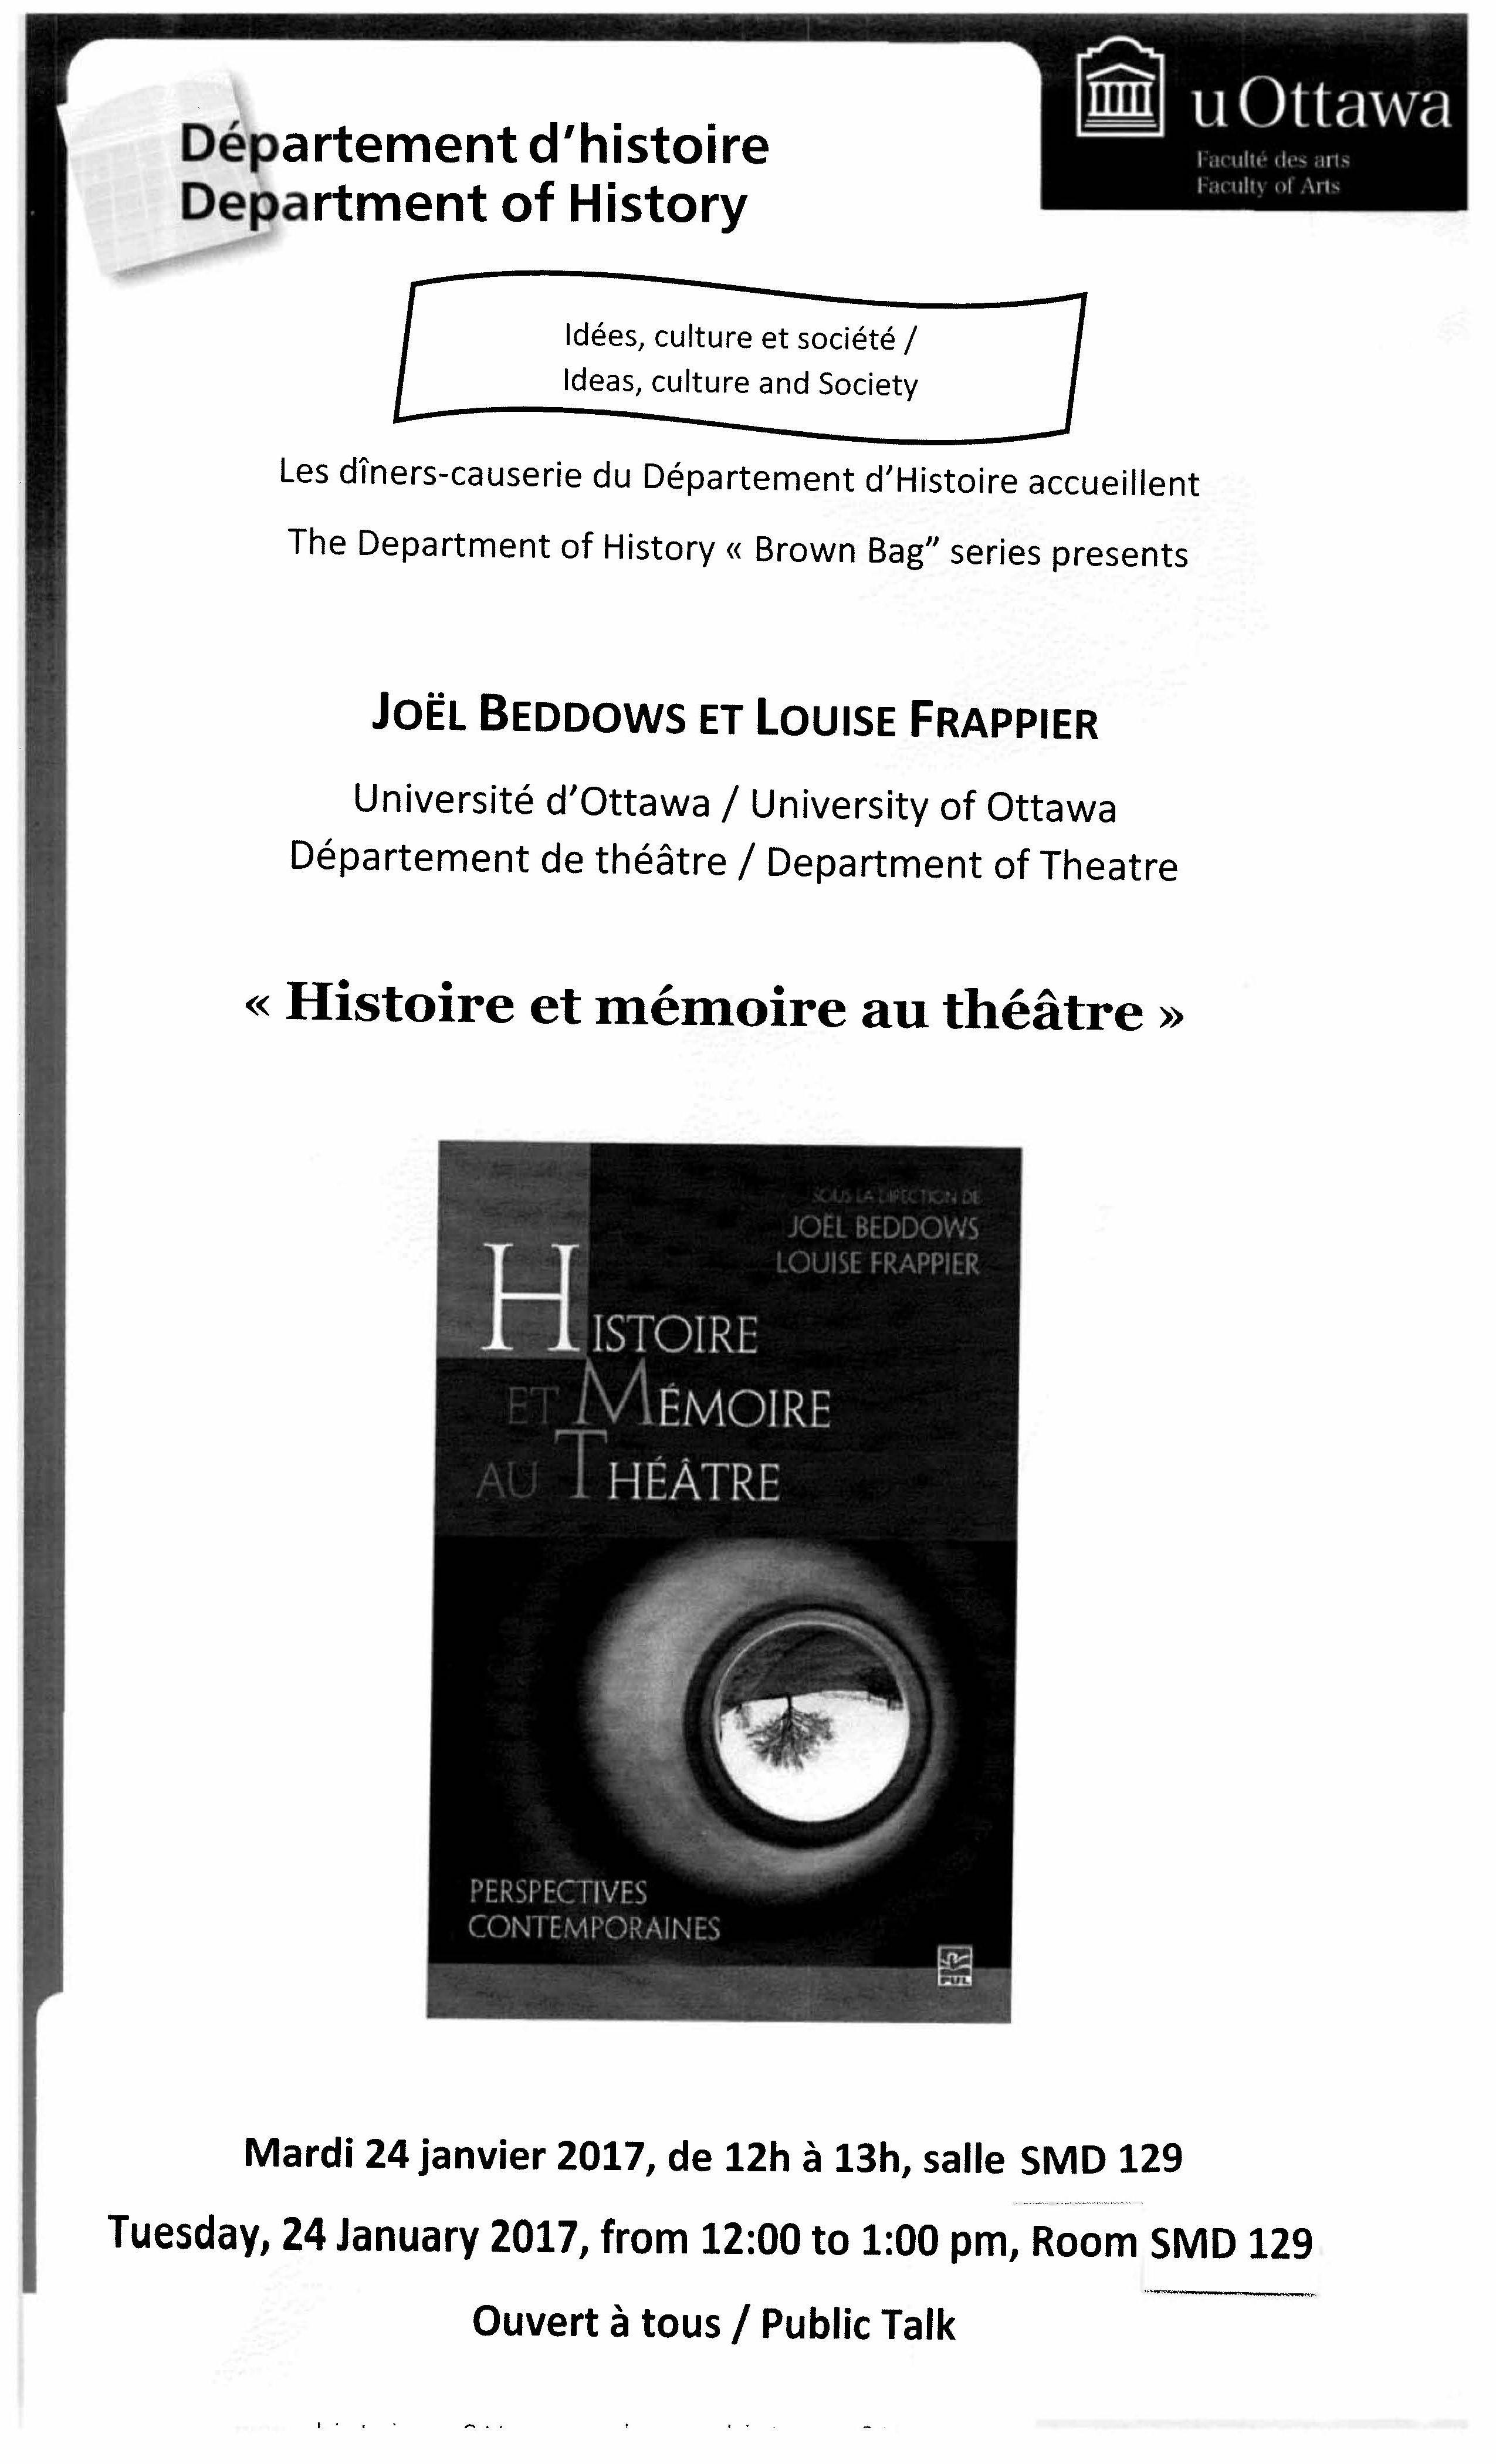 Histoire et mémoire au théâtre